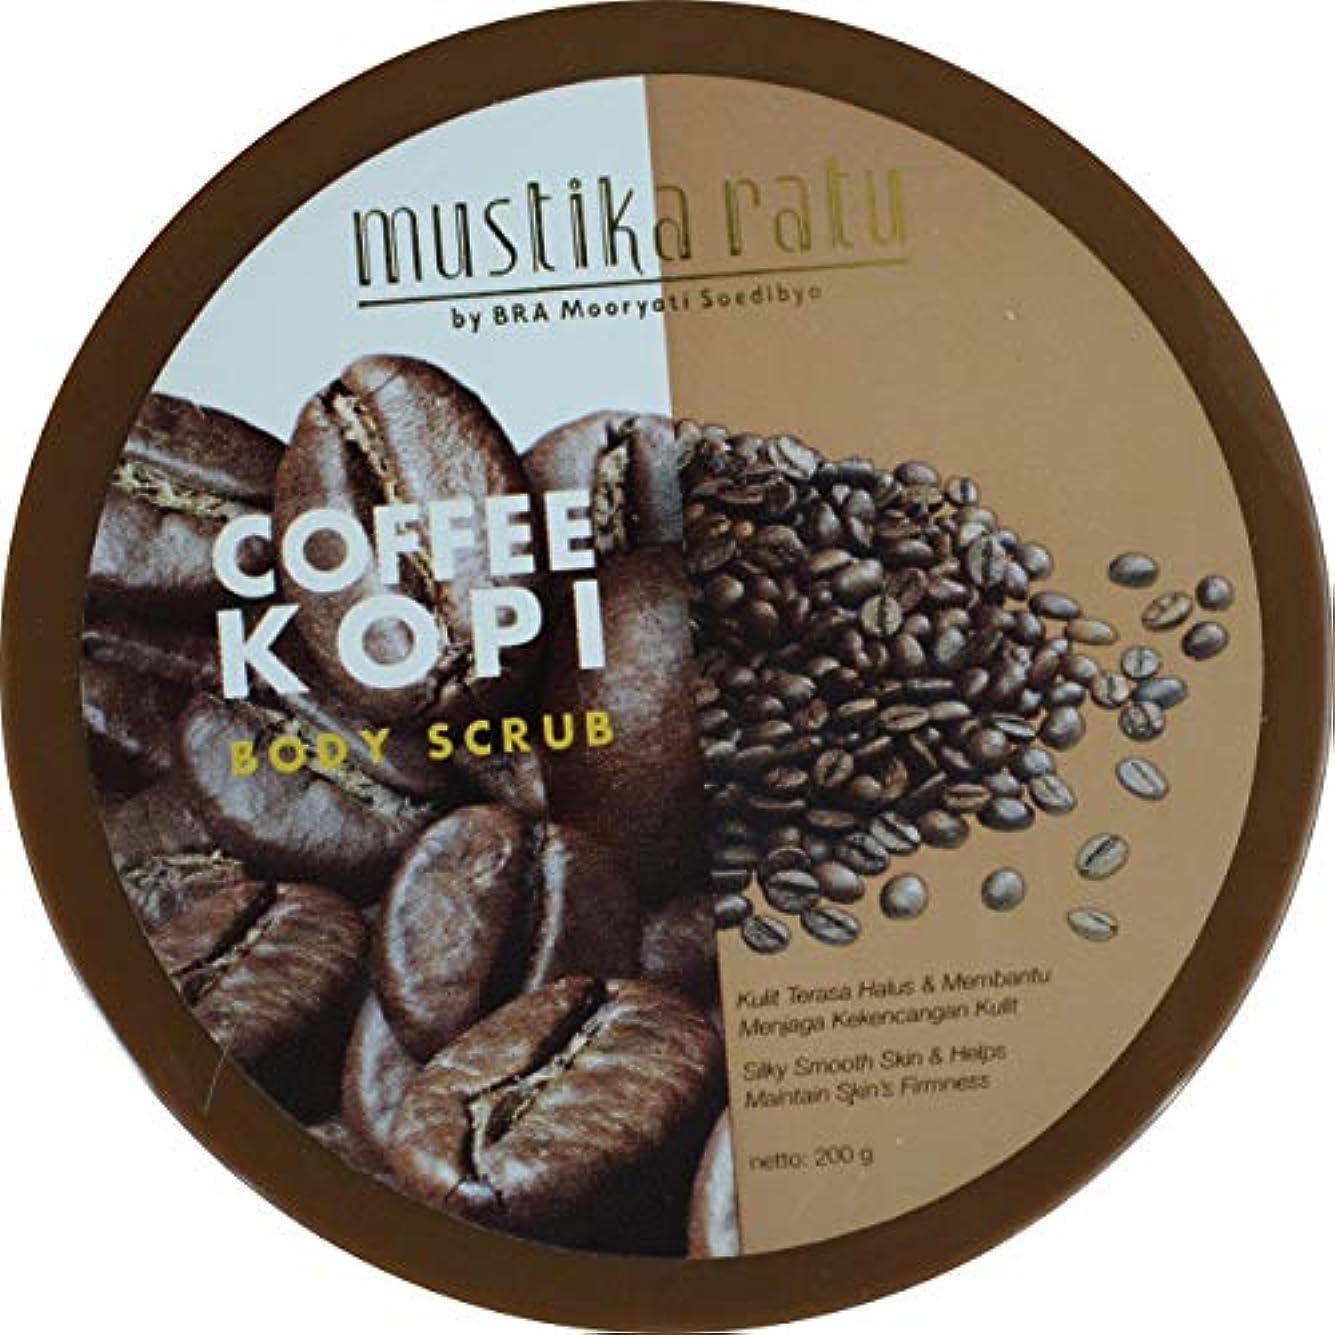 れんが放棄するプロポーショナルMustika Ratu インドネシア200グラム単位でのコーヒーボディスクラップ